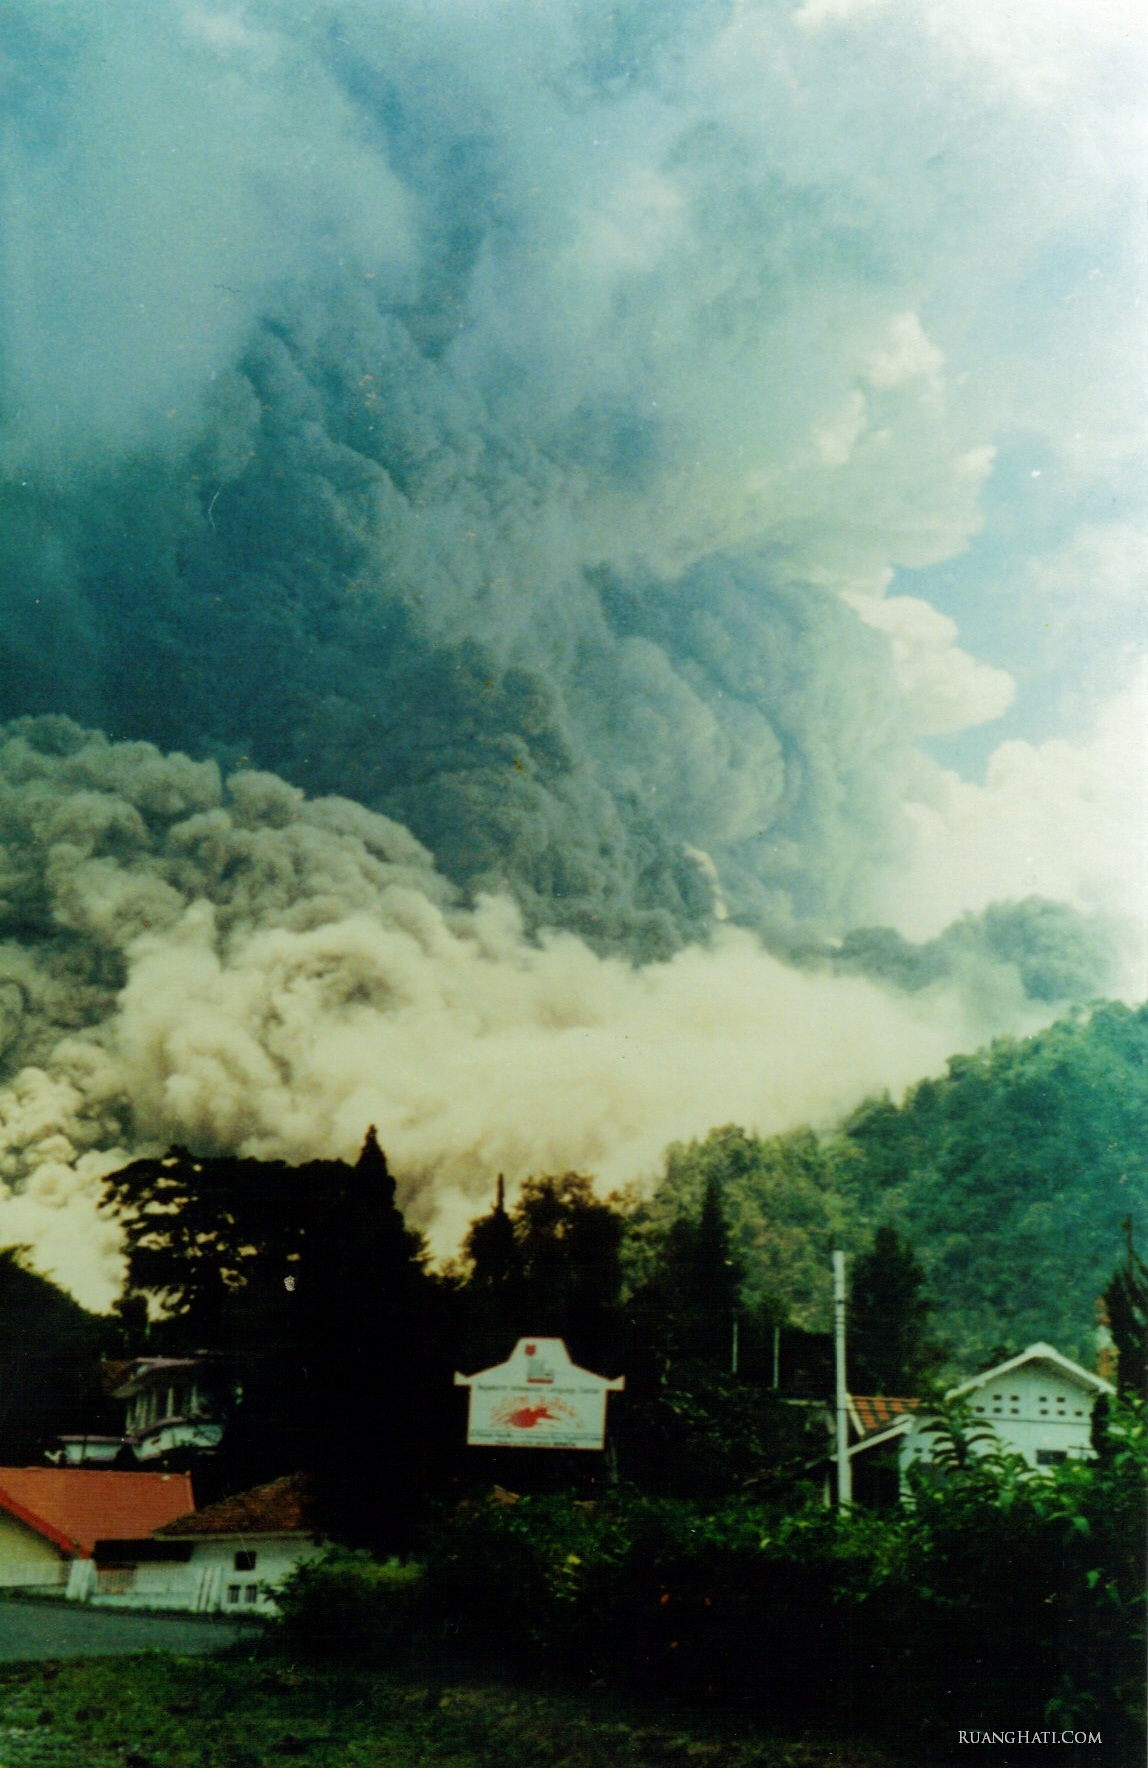 Foto bagaimana wedus gembel Merapi menggulung pemukiman warga yang dilalui sangat cepat